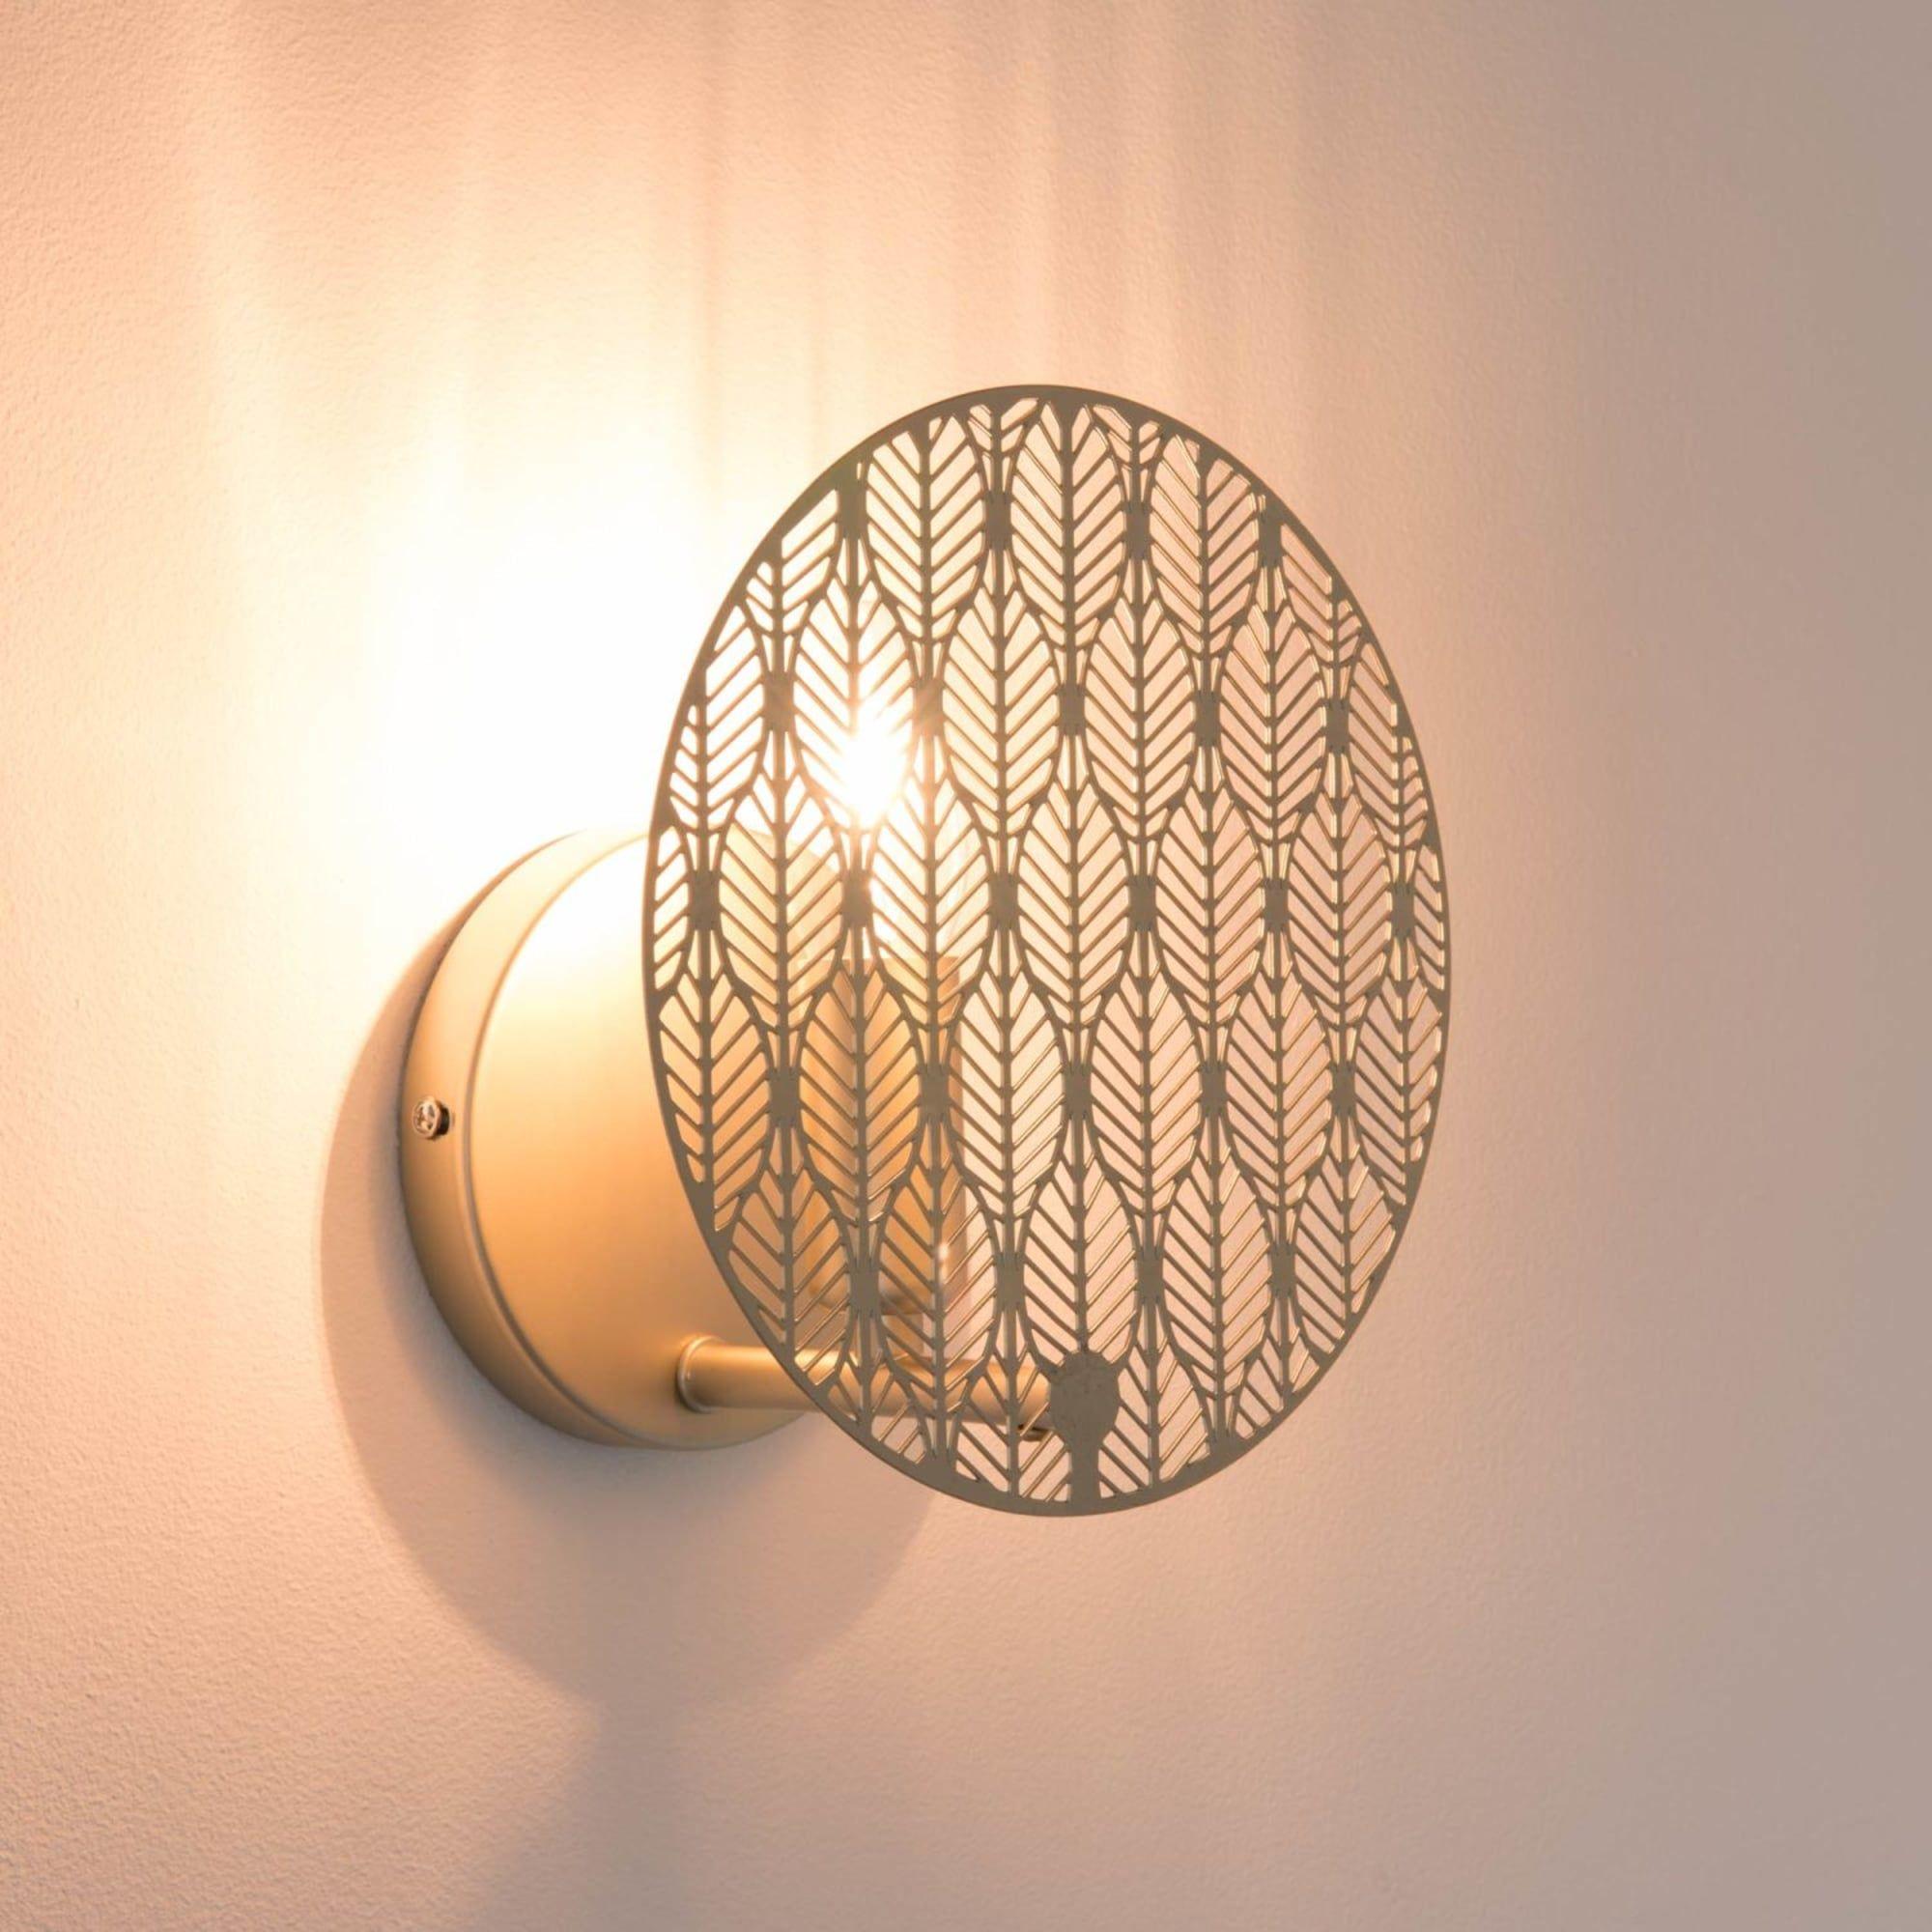 Wohnzimmer Farbe Gold: Wandleuchte Aus Metall, Goldfarben